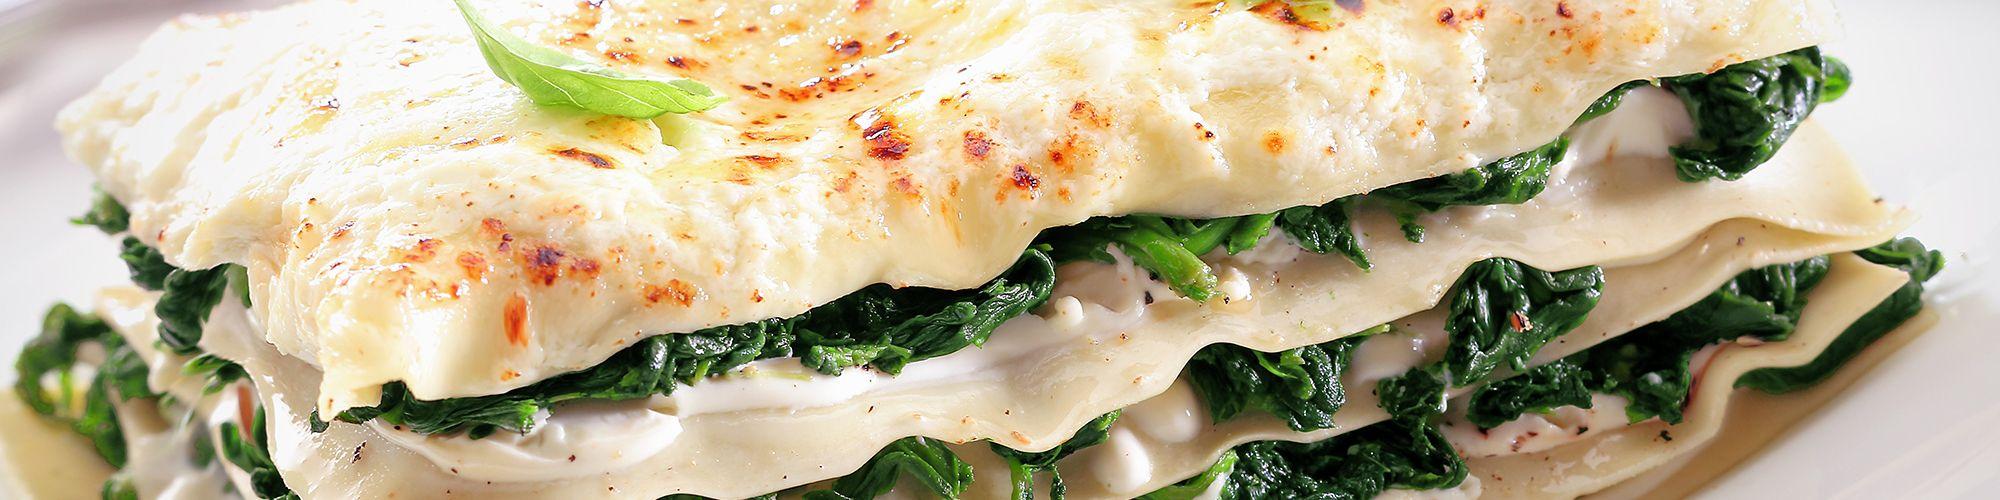 ricetta Lasagna bianca con salsiccia e spinaci con pasta fresca